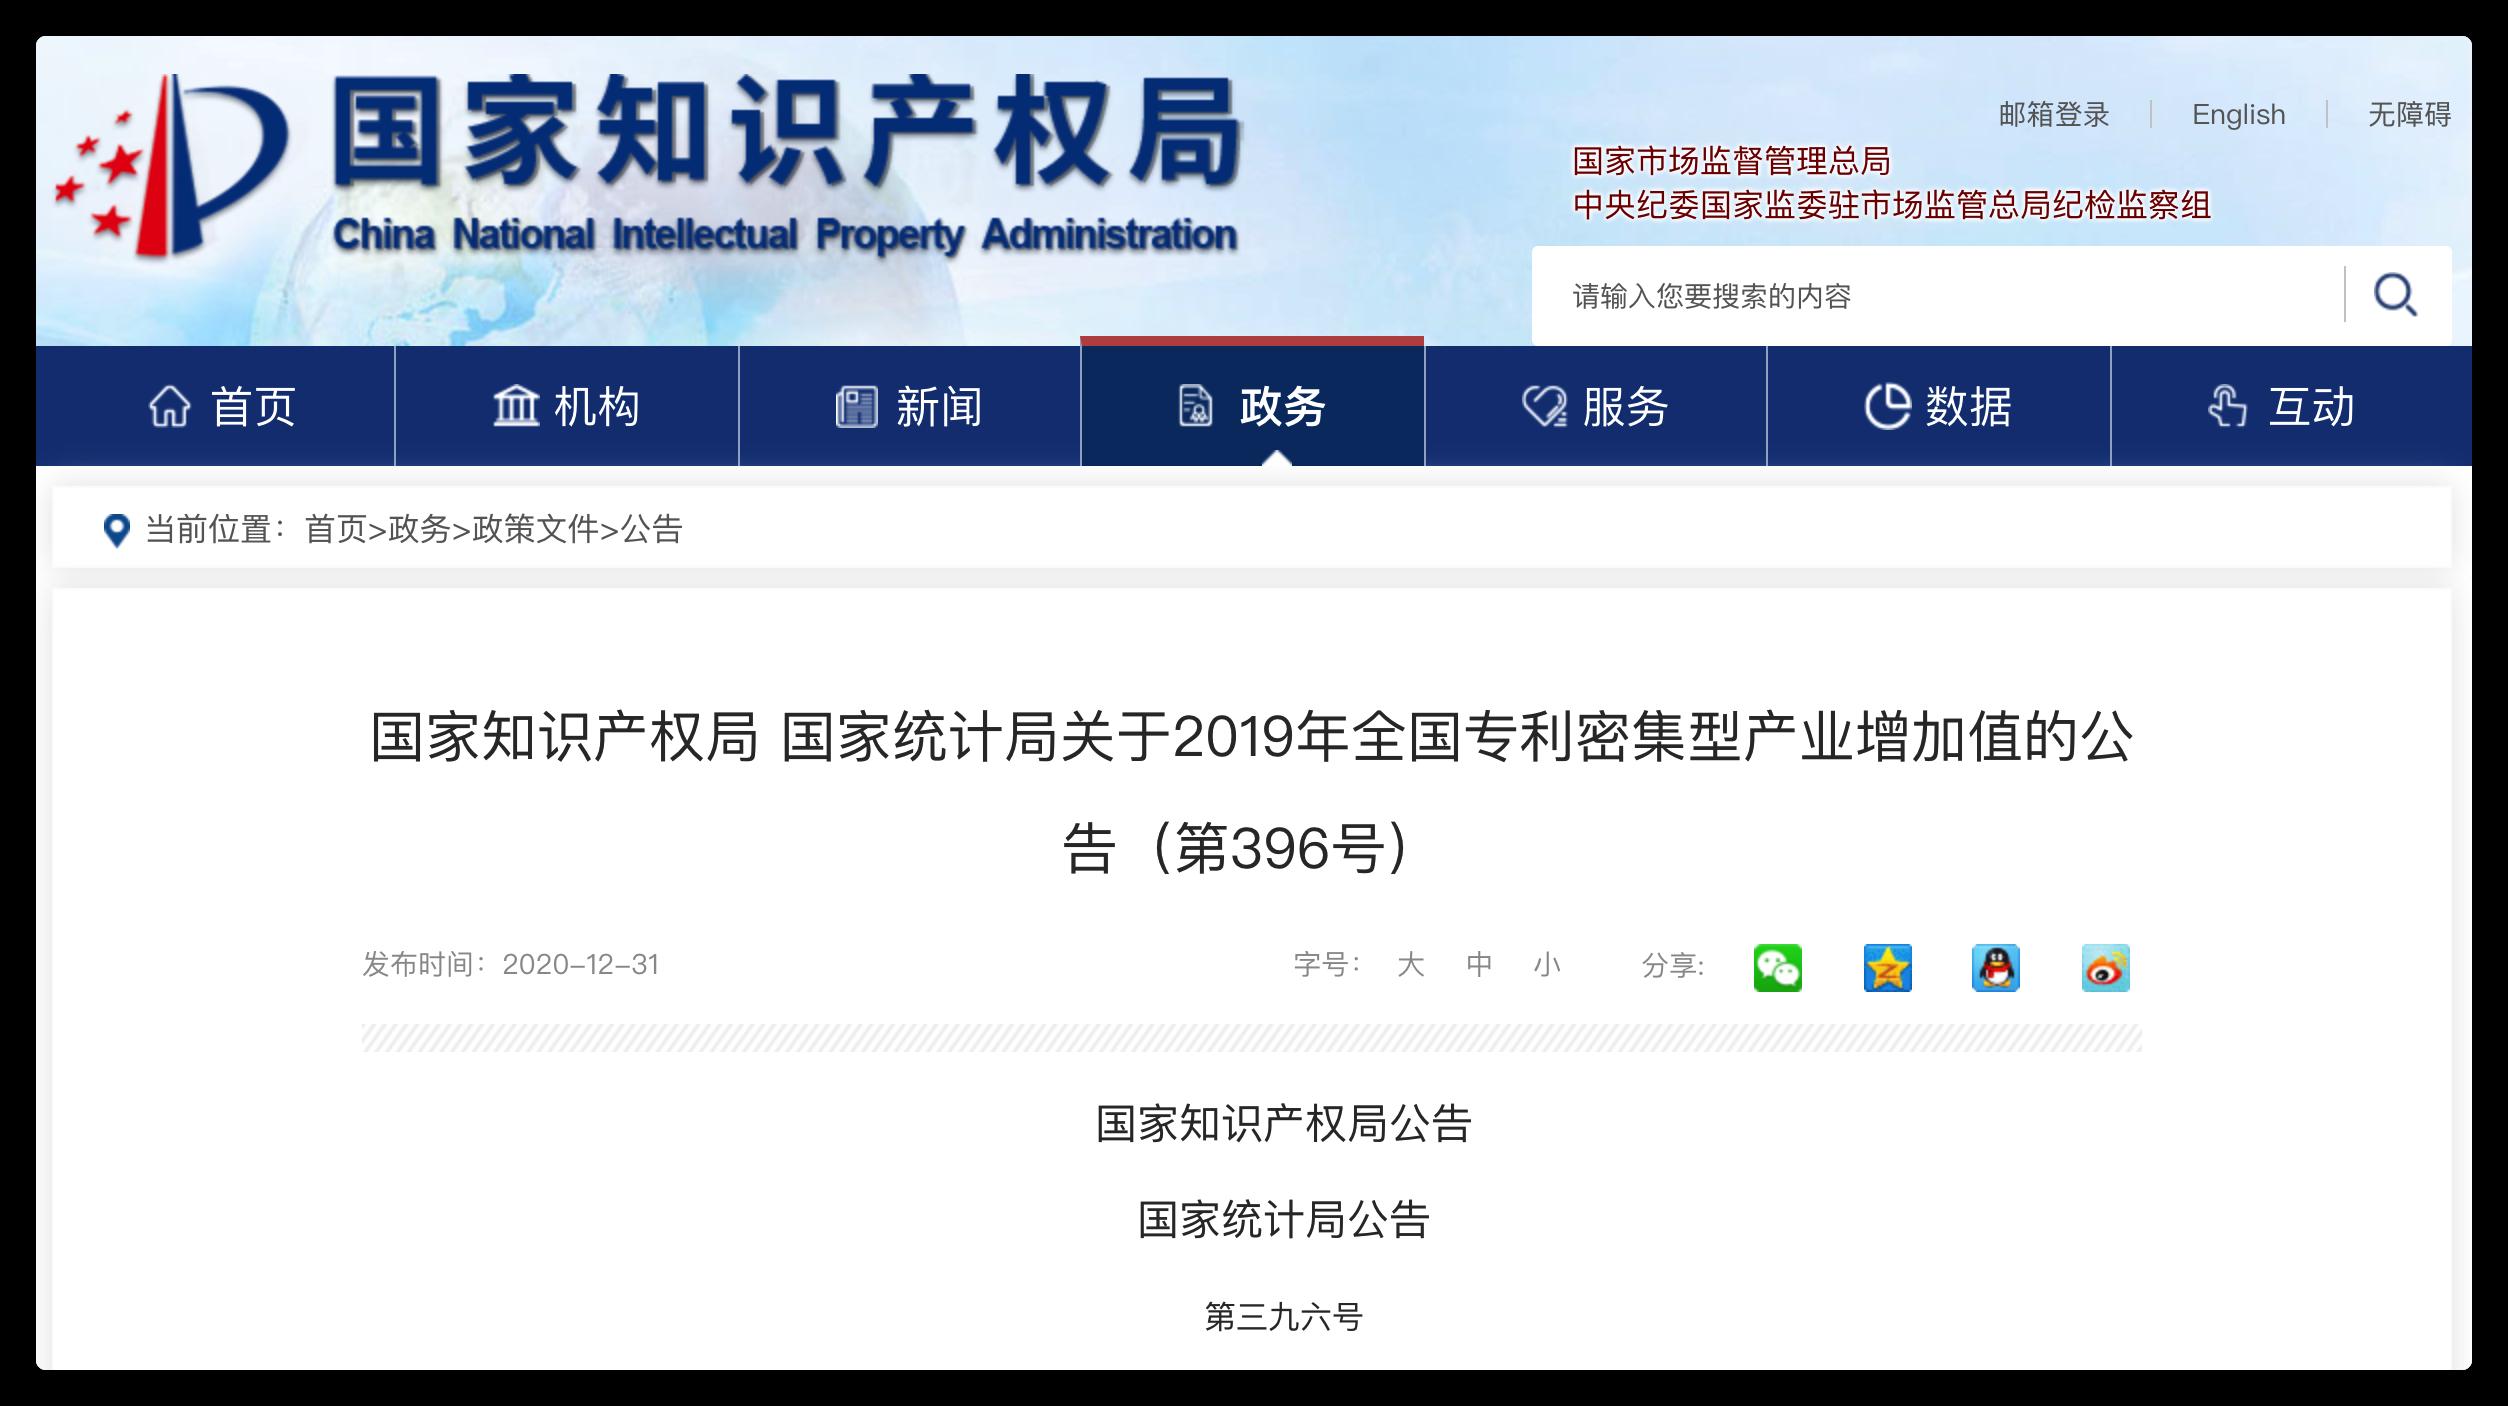 [知产晨讯]1月4日:《中华人民共和国民法典》于1月1日施行,一大批民法典司法解释也于同日施行;国知局国家统计局:2019年全国专利密集型产业增加值超11万亿